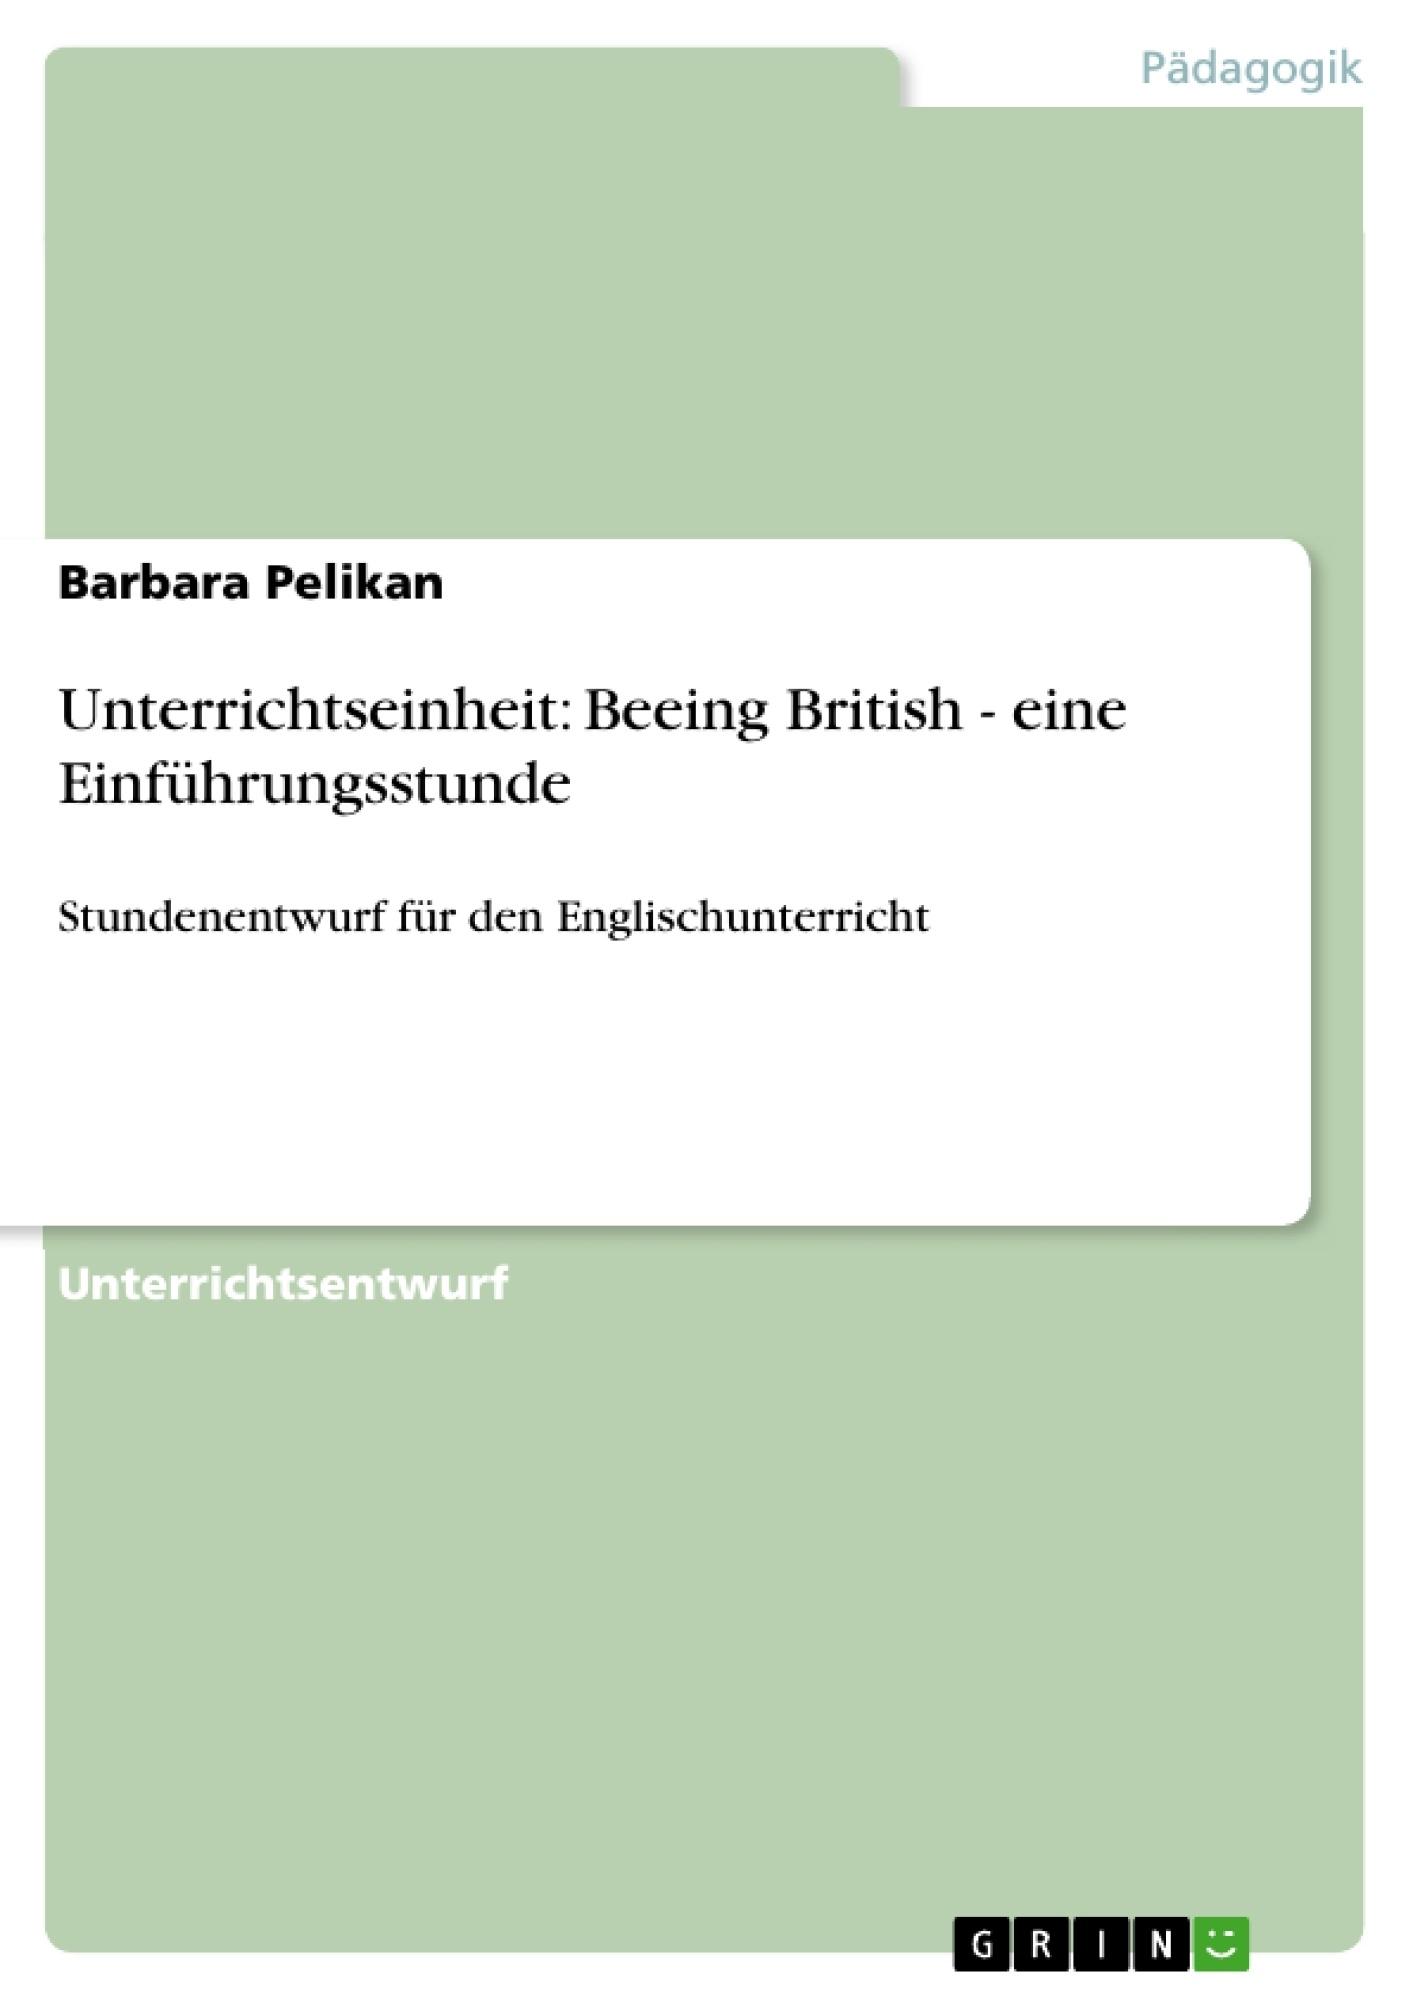 Titel: Unterrichtseinheit: Beeing British - eine Einführungsstunde